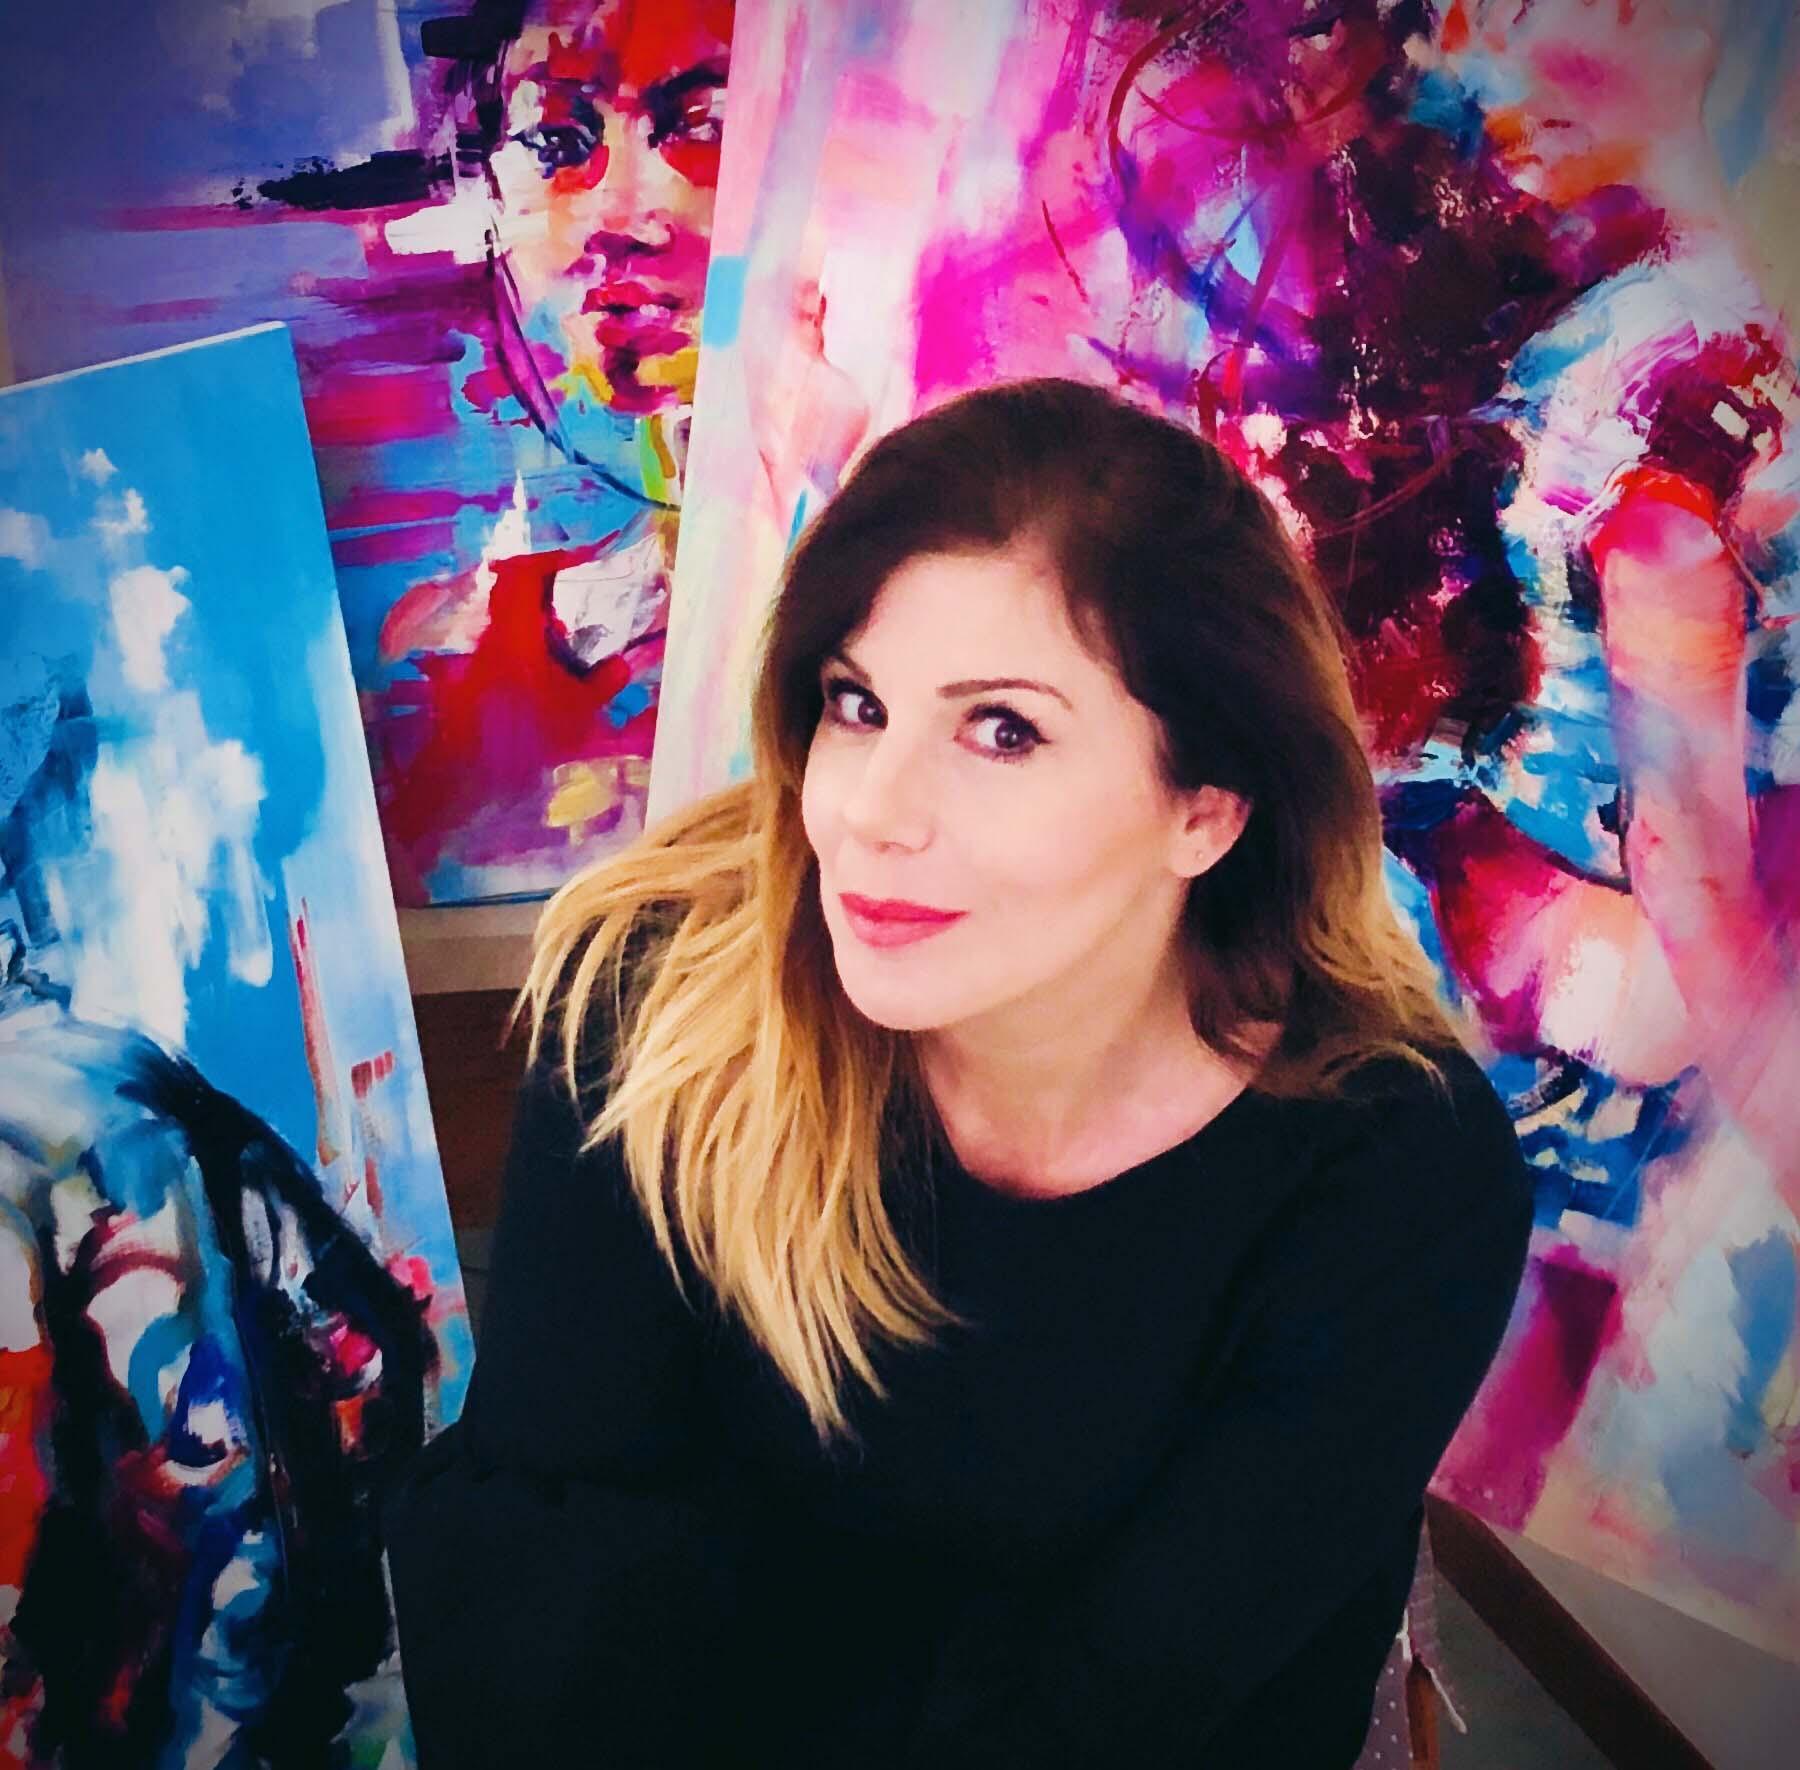 Monica Abbondanzia